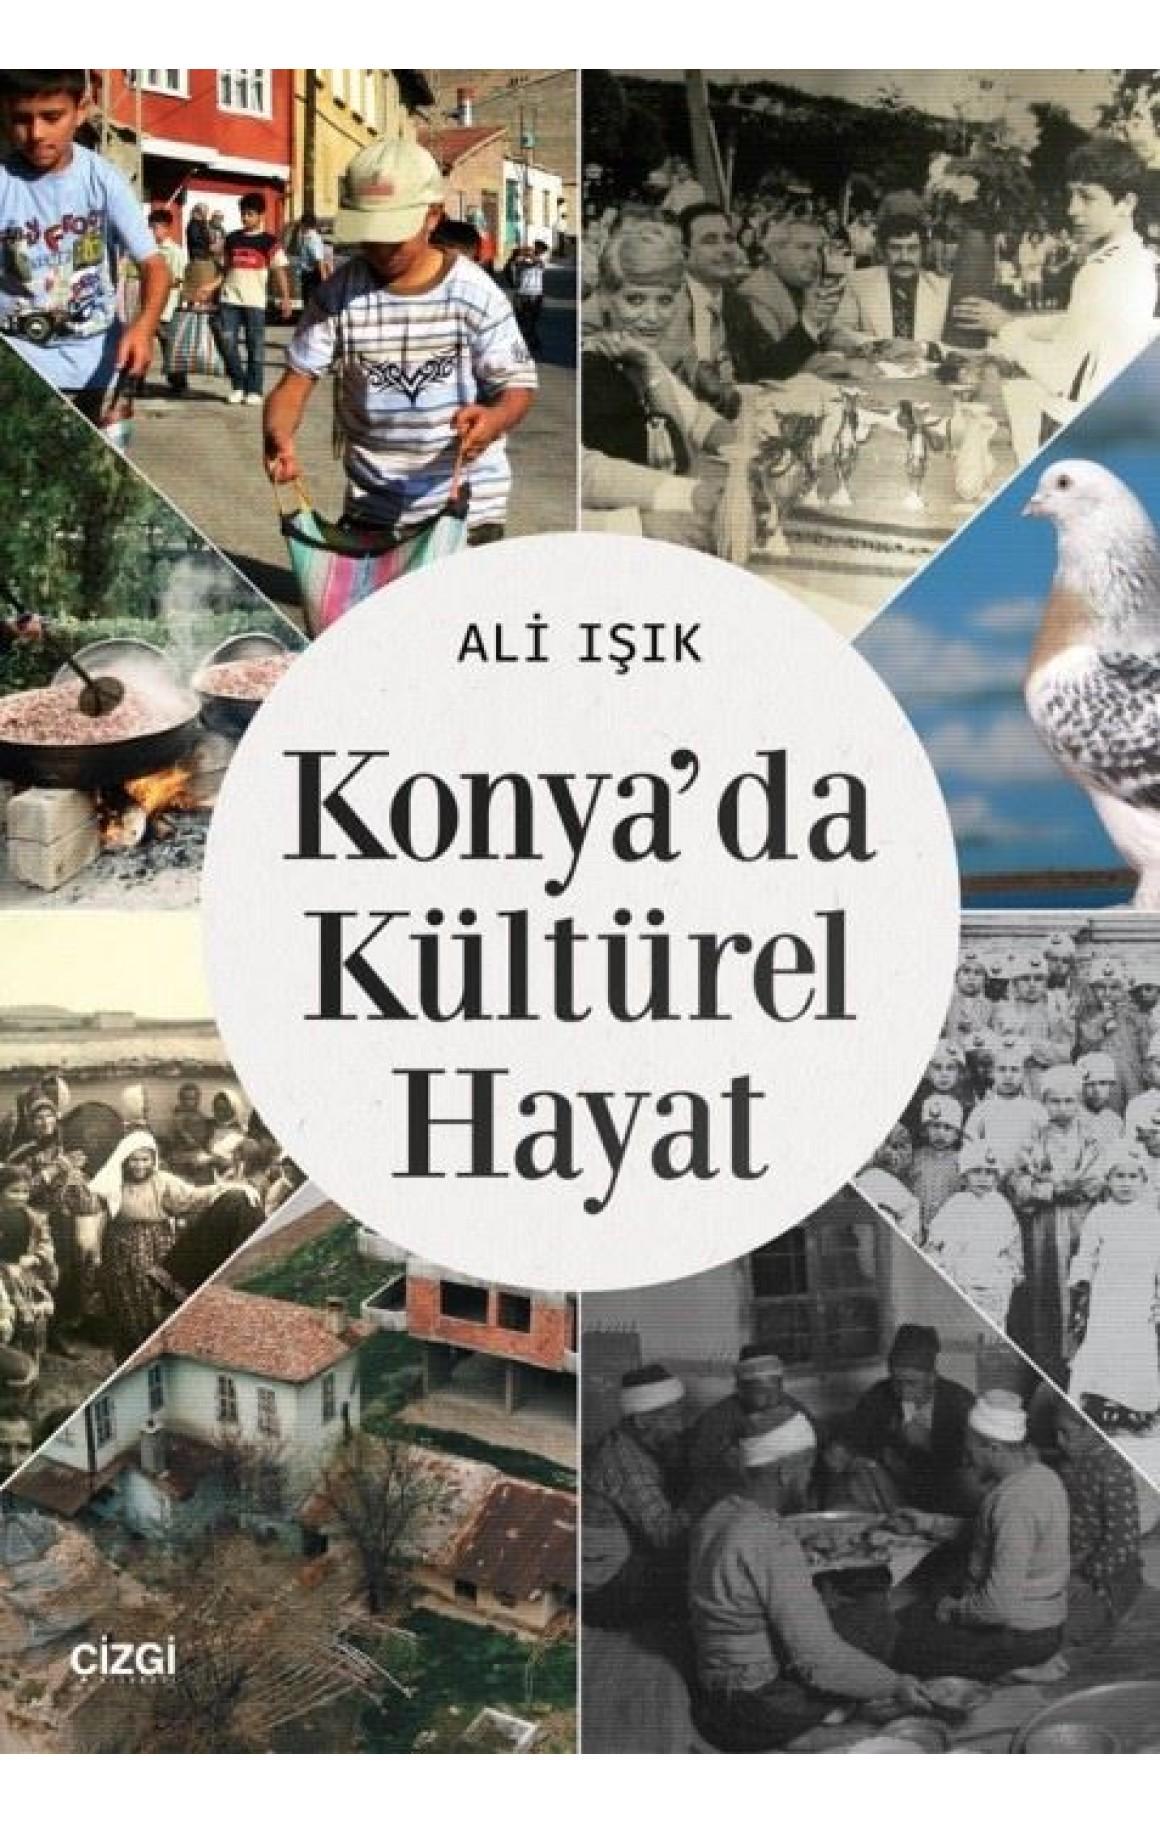 Konyada Kültürel Hayat